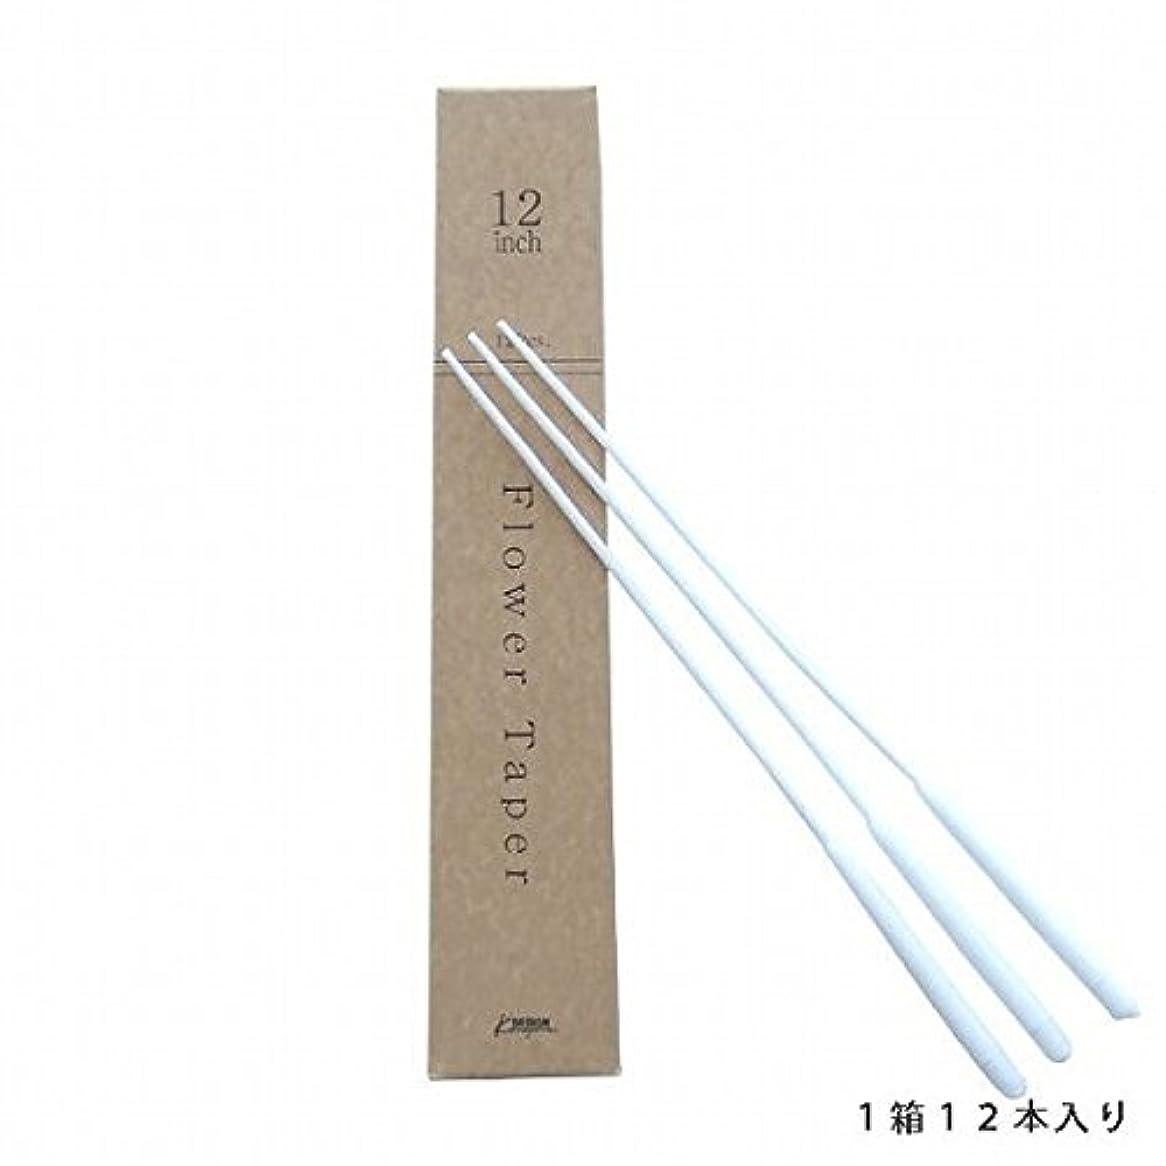 かんがいミサイルストロークkameyama candle(カメヤマキャンドル) 12インチトーチ用フラワーテーパー12本入 「 ホワイト 」(72339900W)